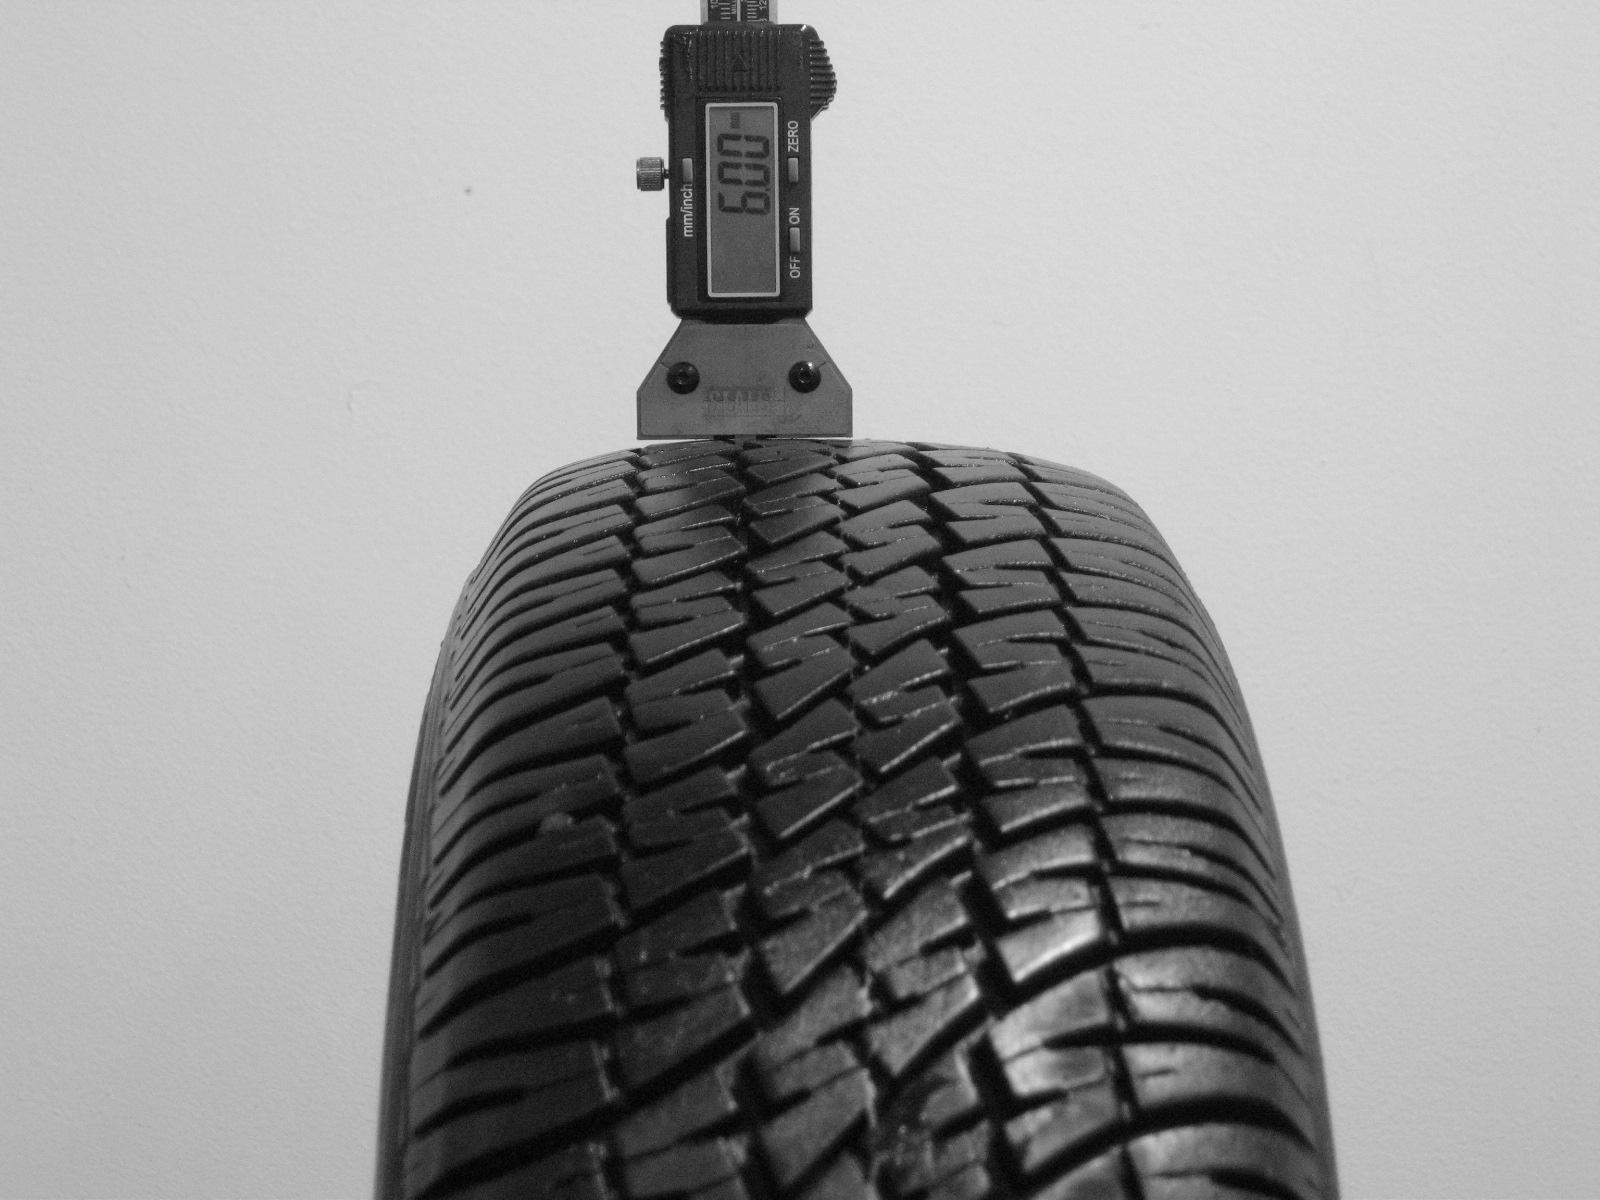 Použité-Pneu-Bazar - 165/70 R13 DEBICA NAVIGATOR M+S (CELOROČNÍ) -kusovka-rezerva 3mm